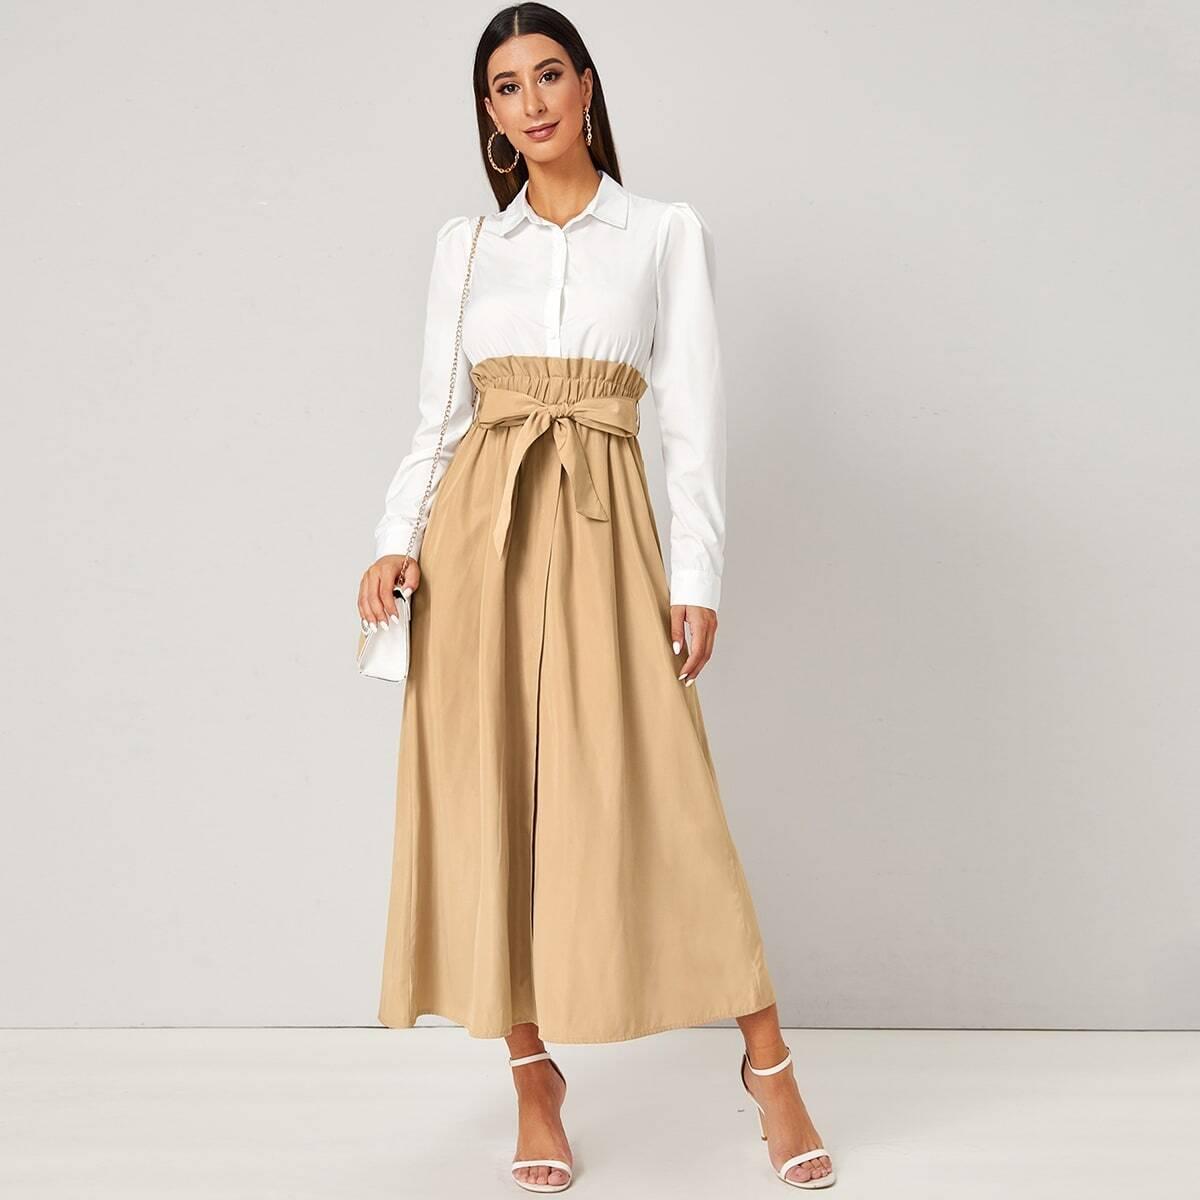 Контрастное платье с эластичной талией и поясом